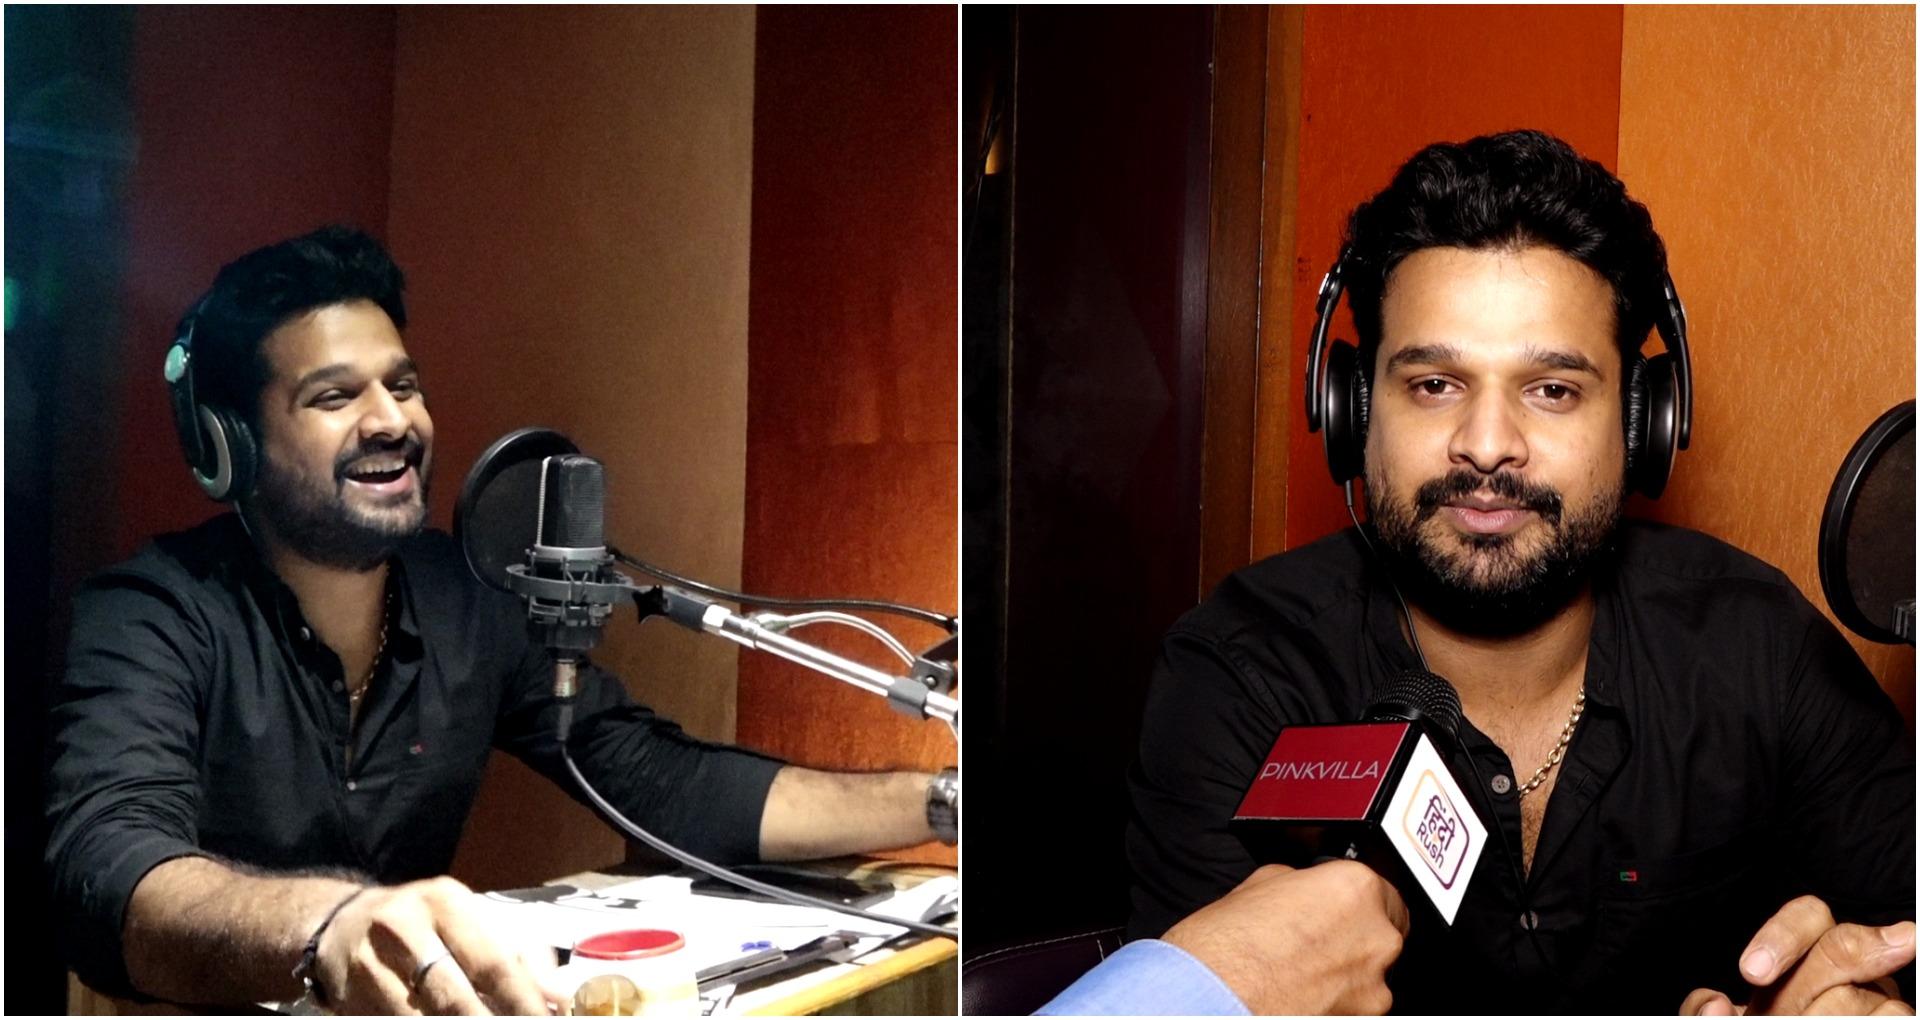 Exclusive Interview: जानिए निरहुआ और पवन सिंह जैसे सुपर स्टार के बीच कैसा महसूस करते हैं रितेश पांडे